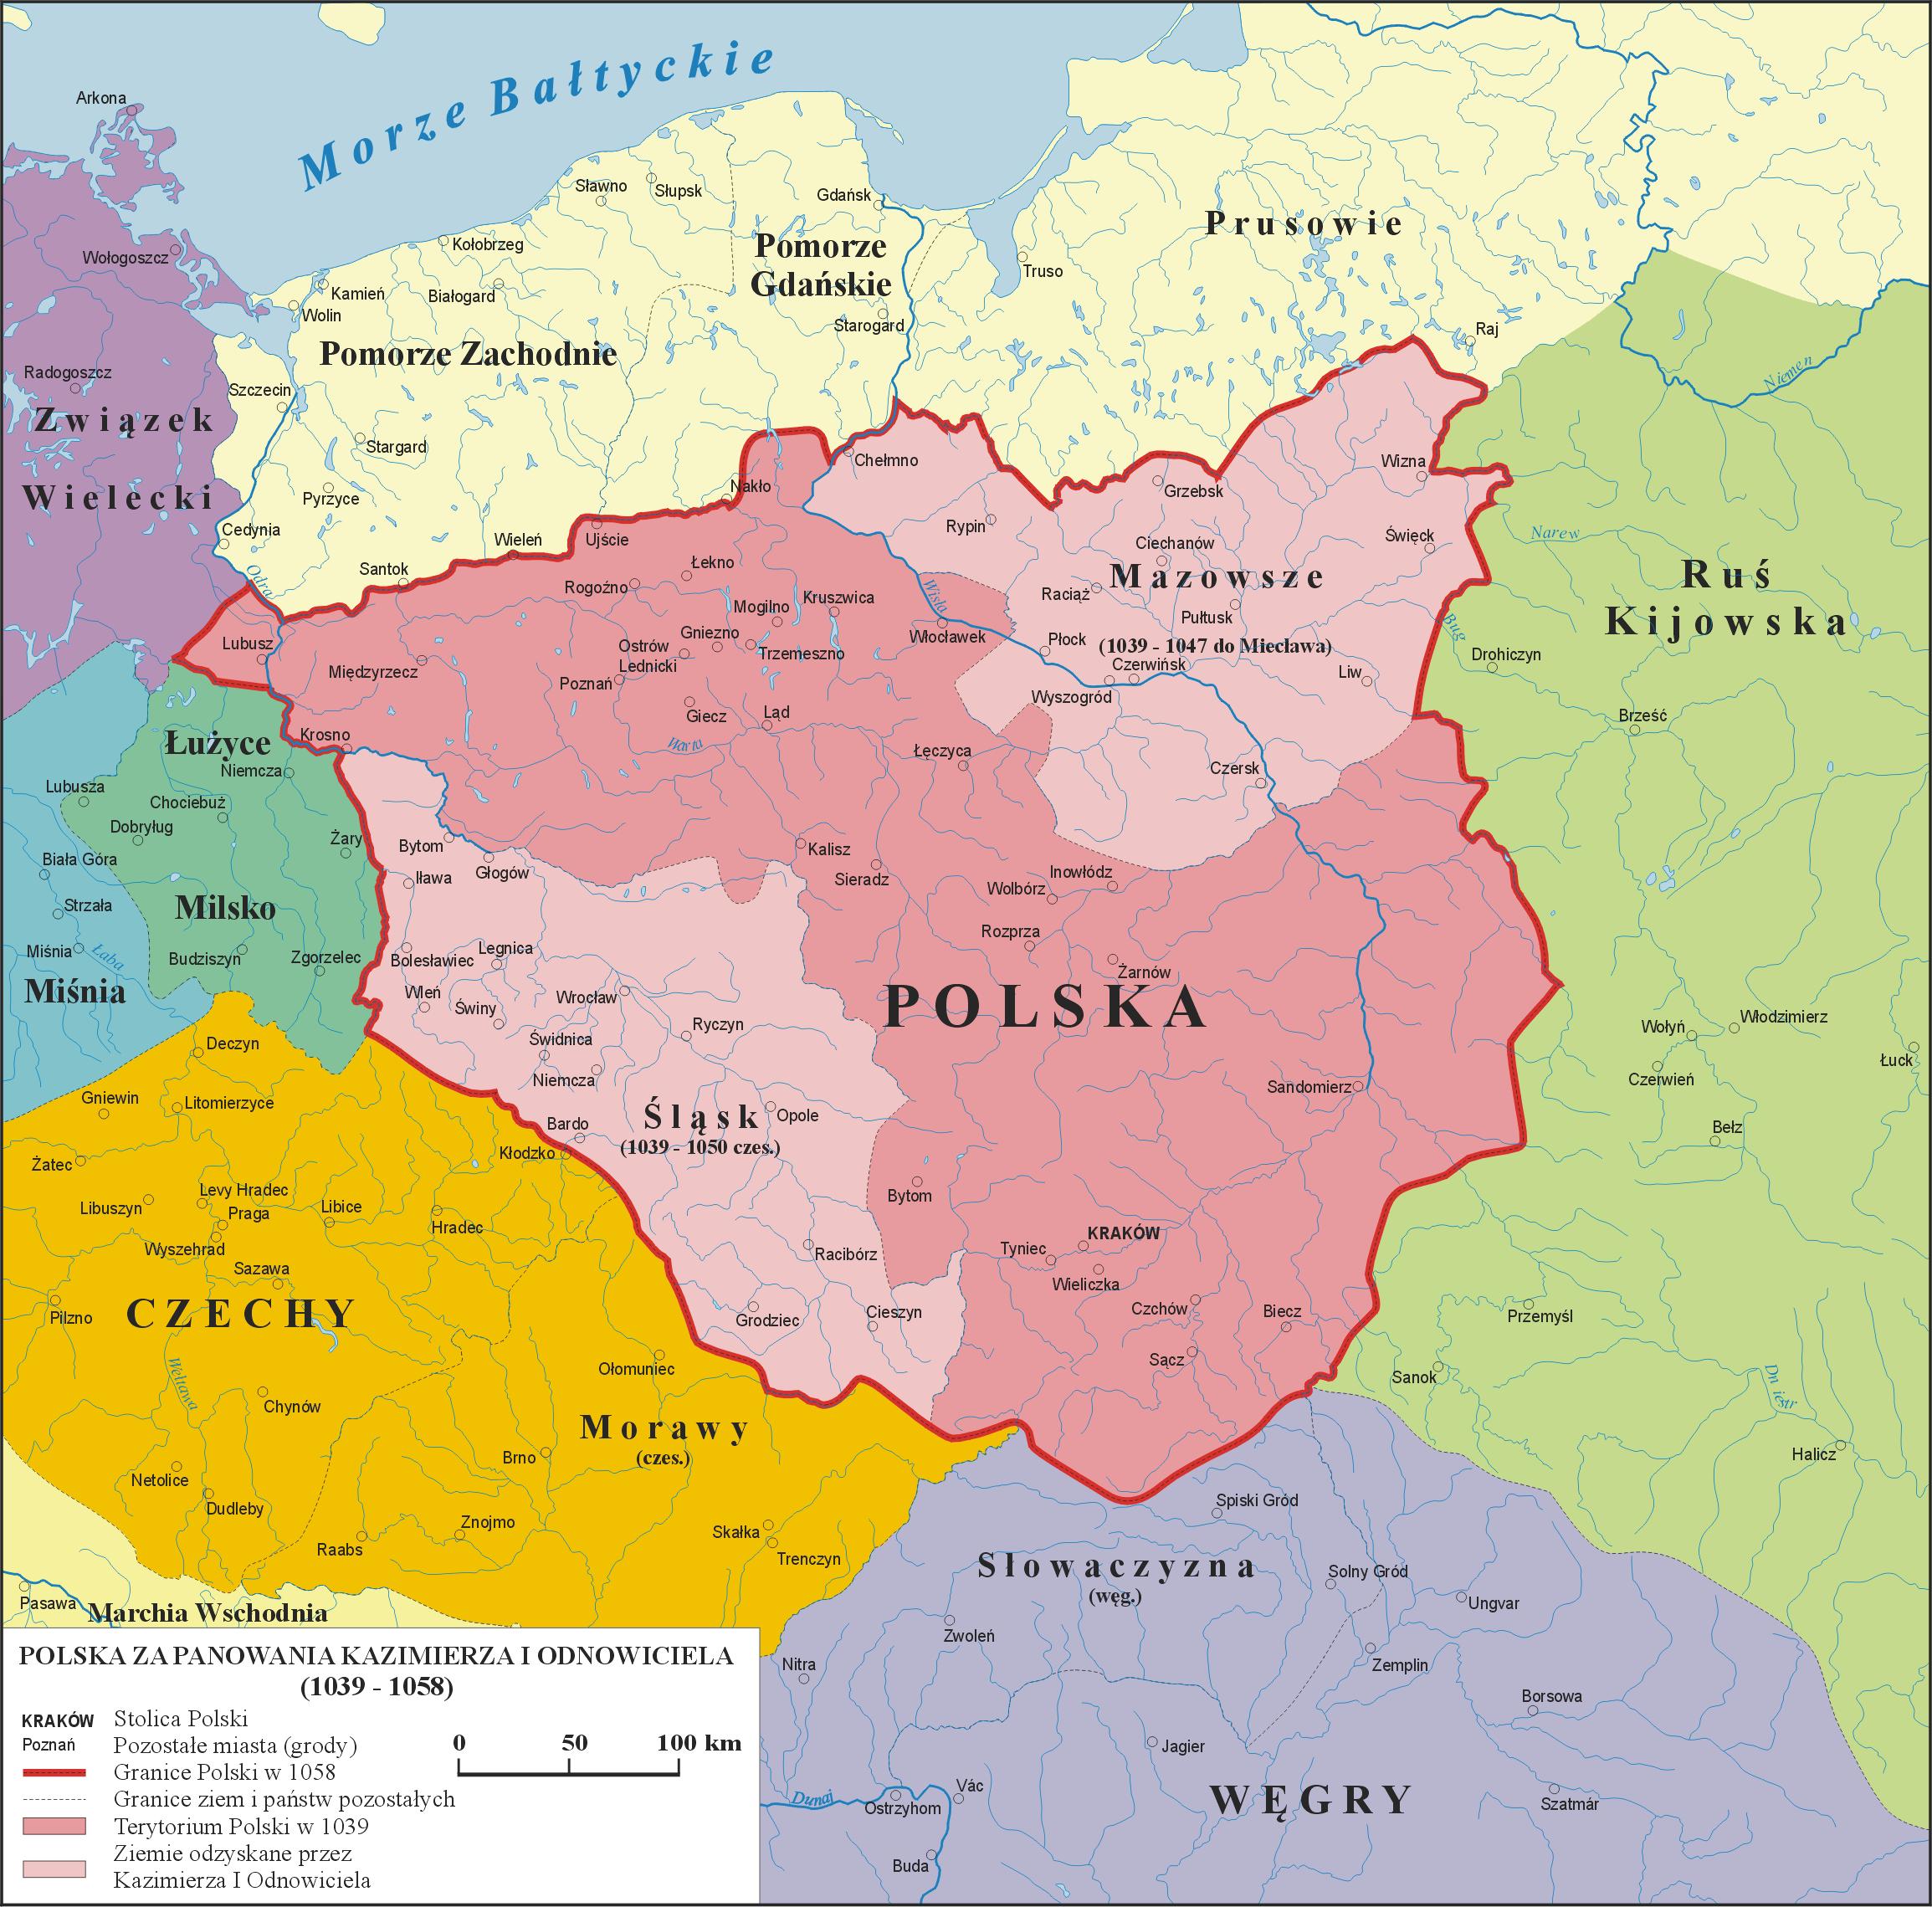 Polska za panowania kazimierza i odnowiciela